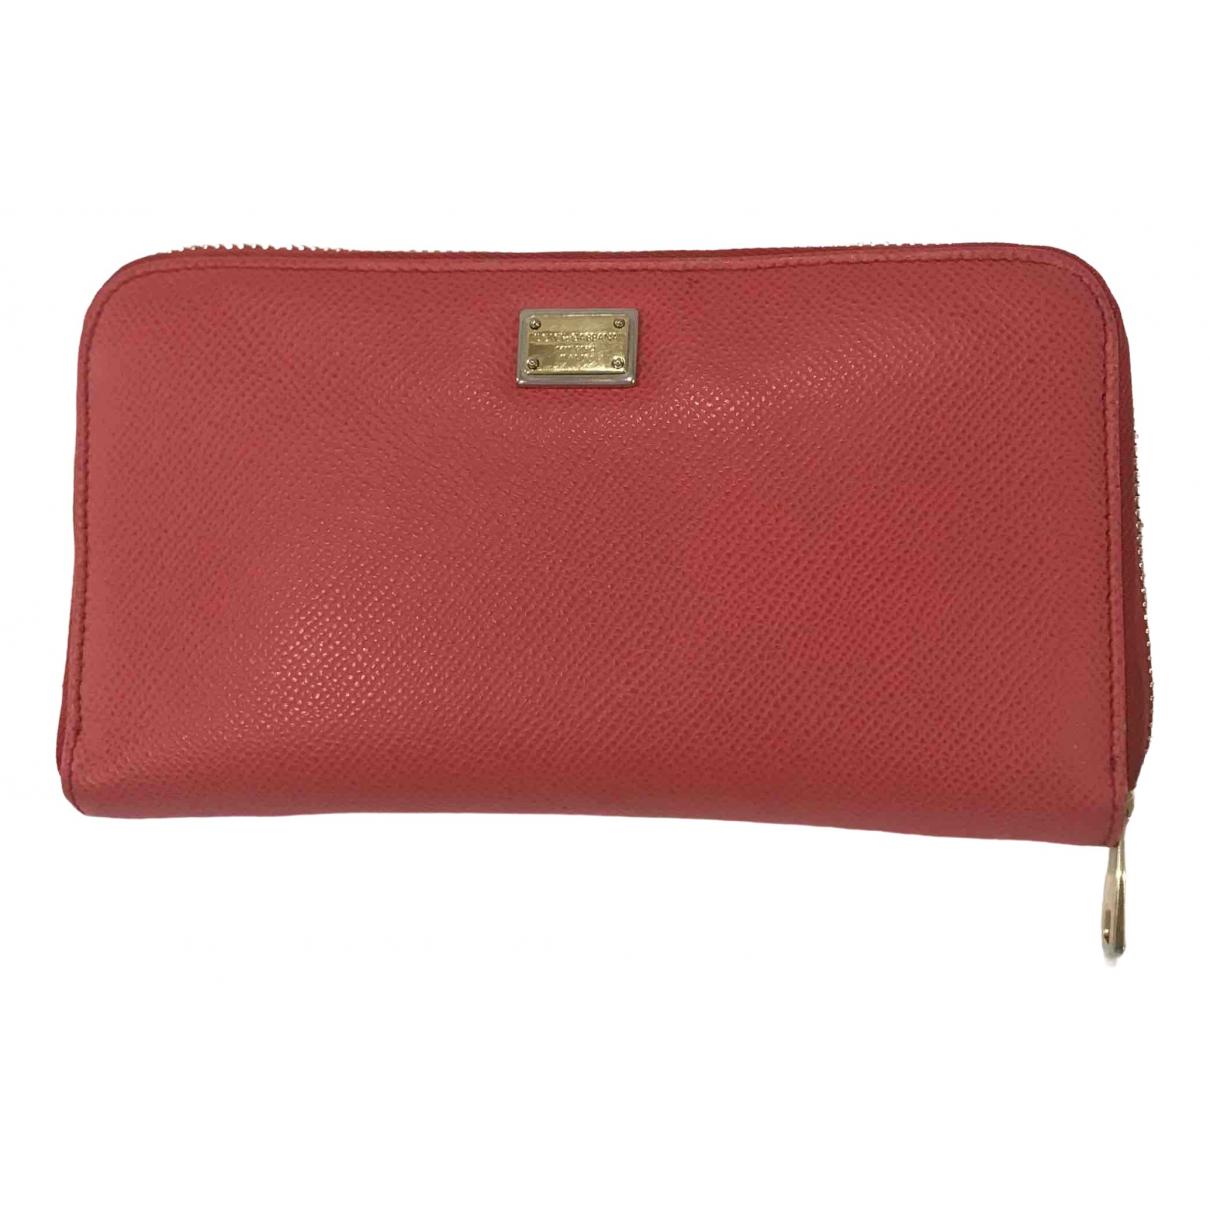 Dolce & Gabbana - Portefeuille   pour femme en cuir - rouge